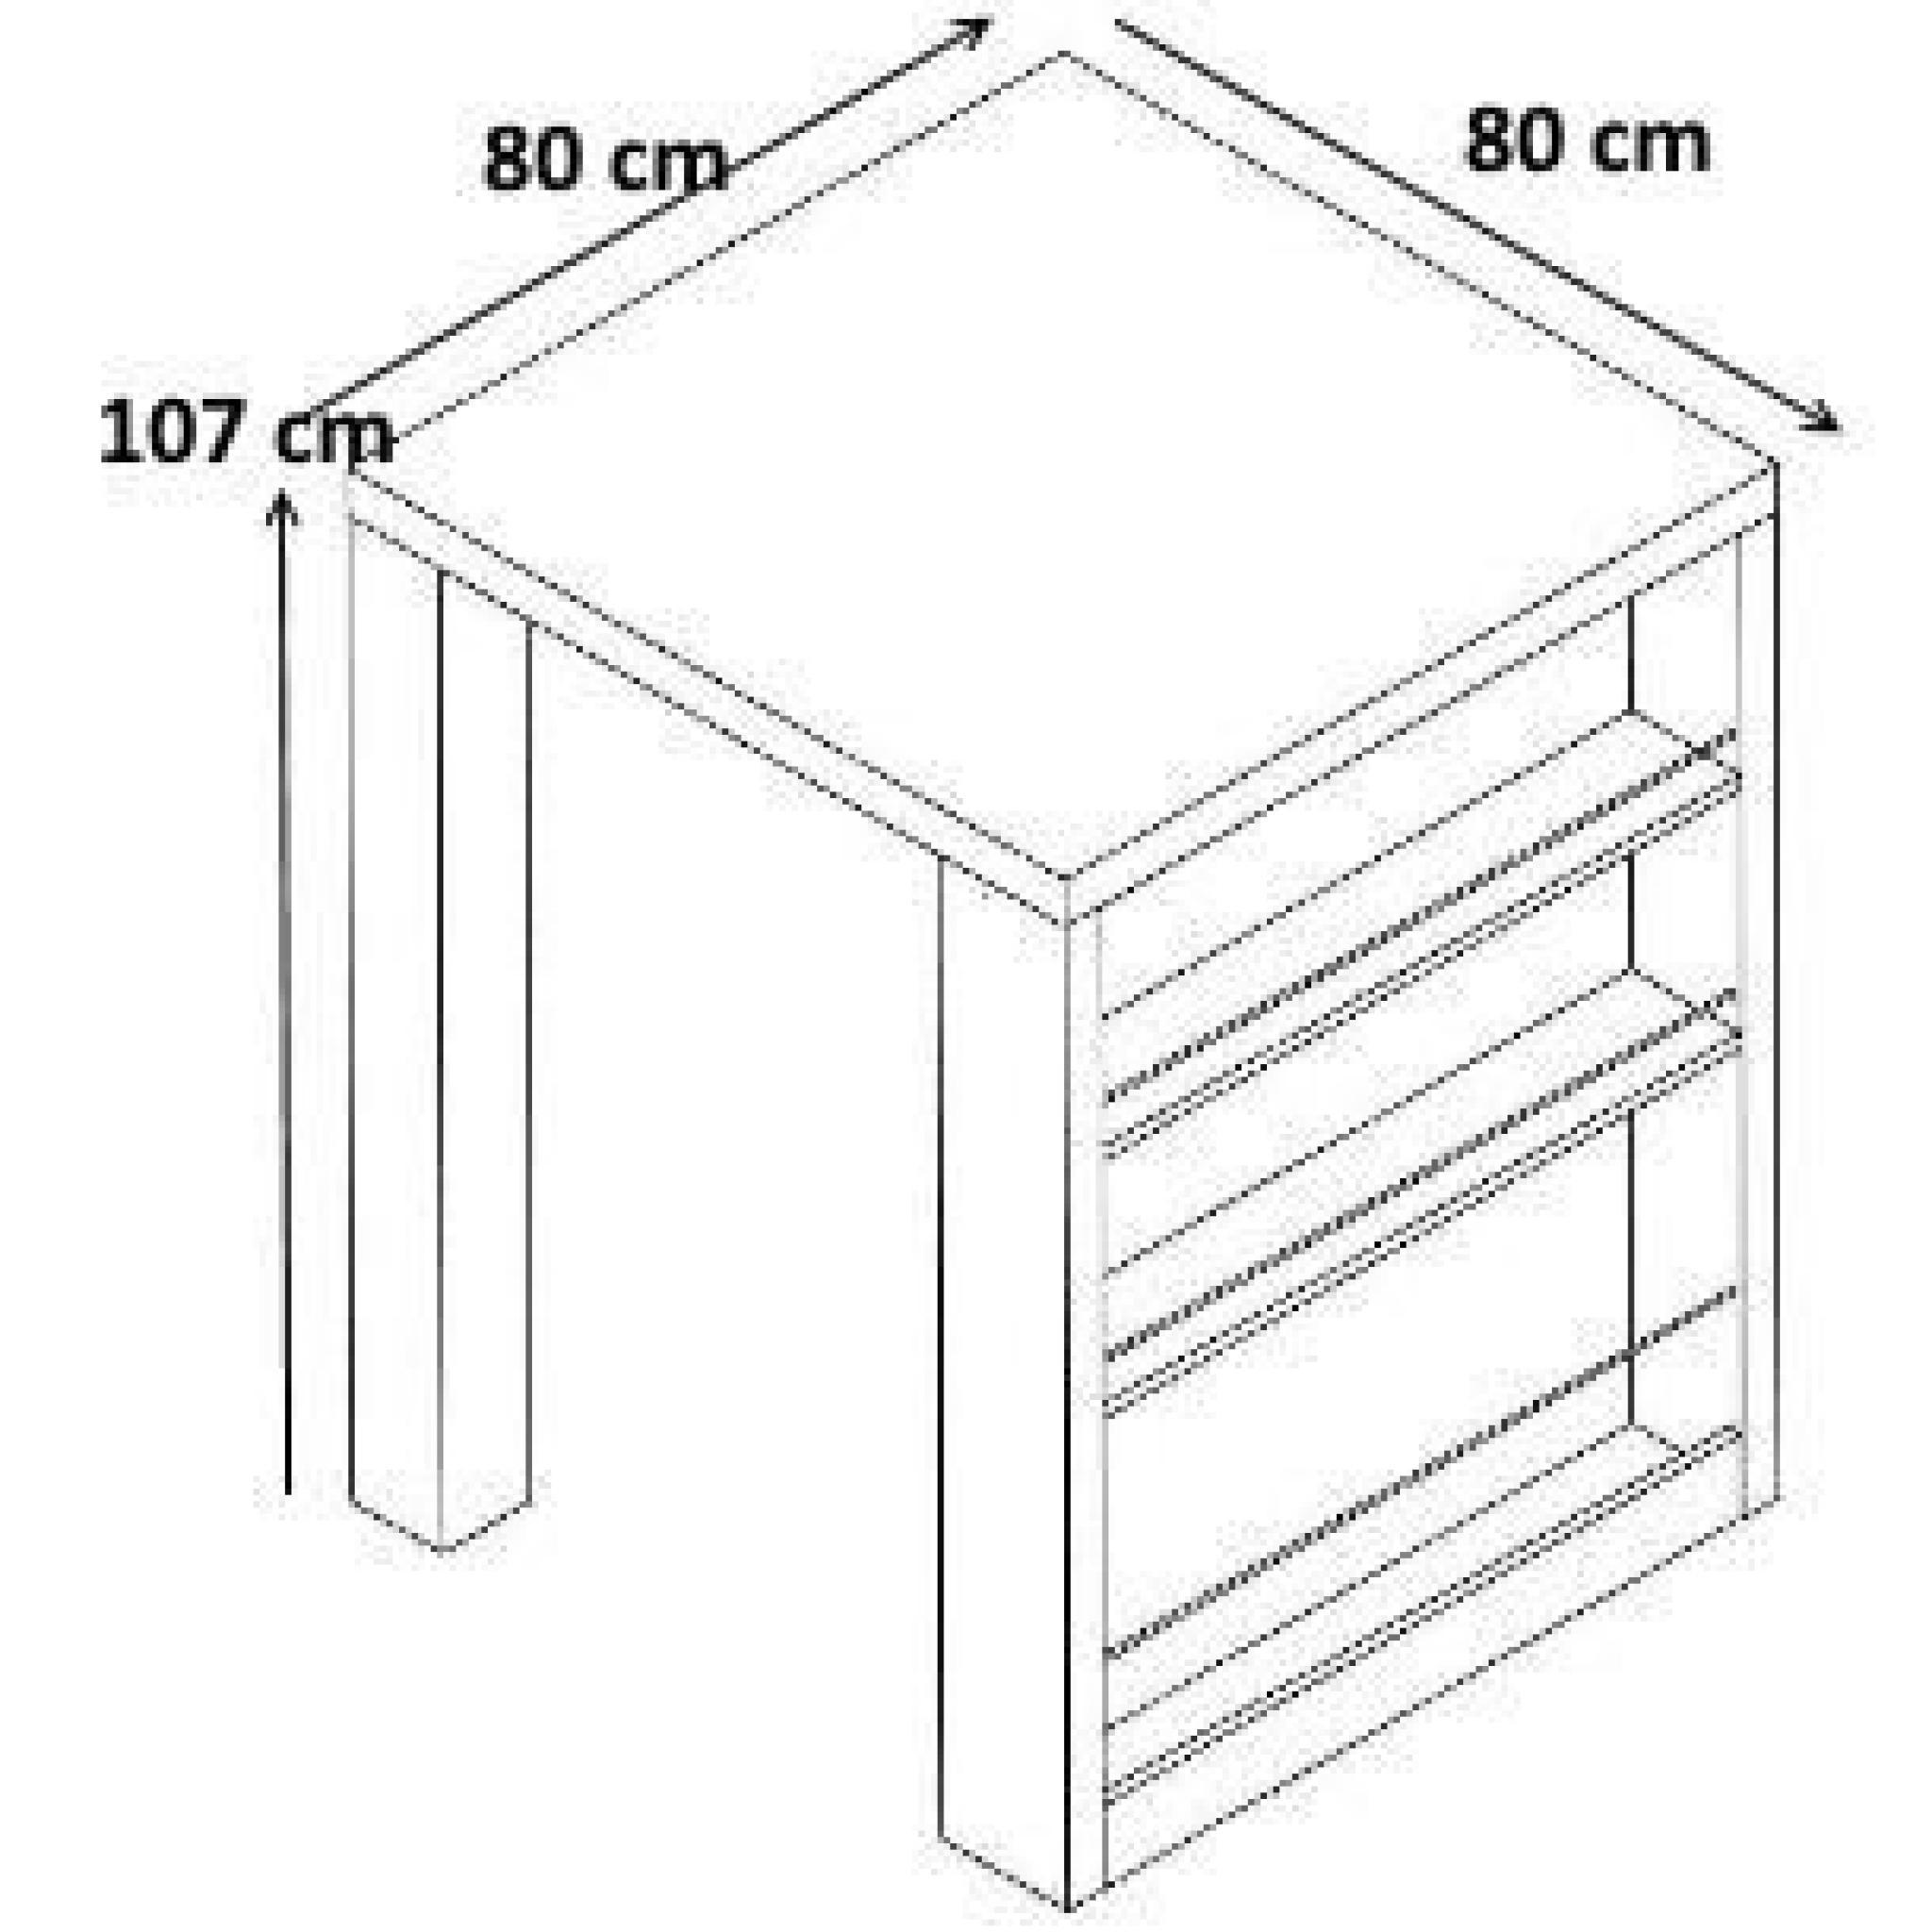 bar table design blanc laque nice meuble salon achat vente table salle a manger pas cher couleur et design fr